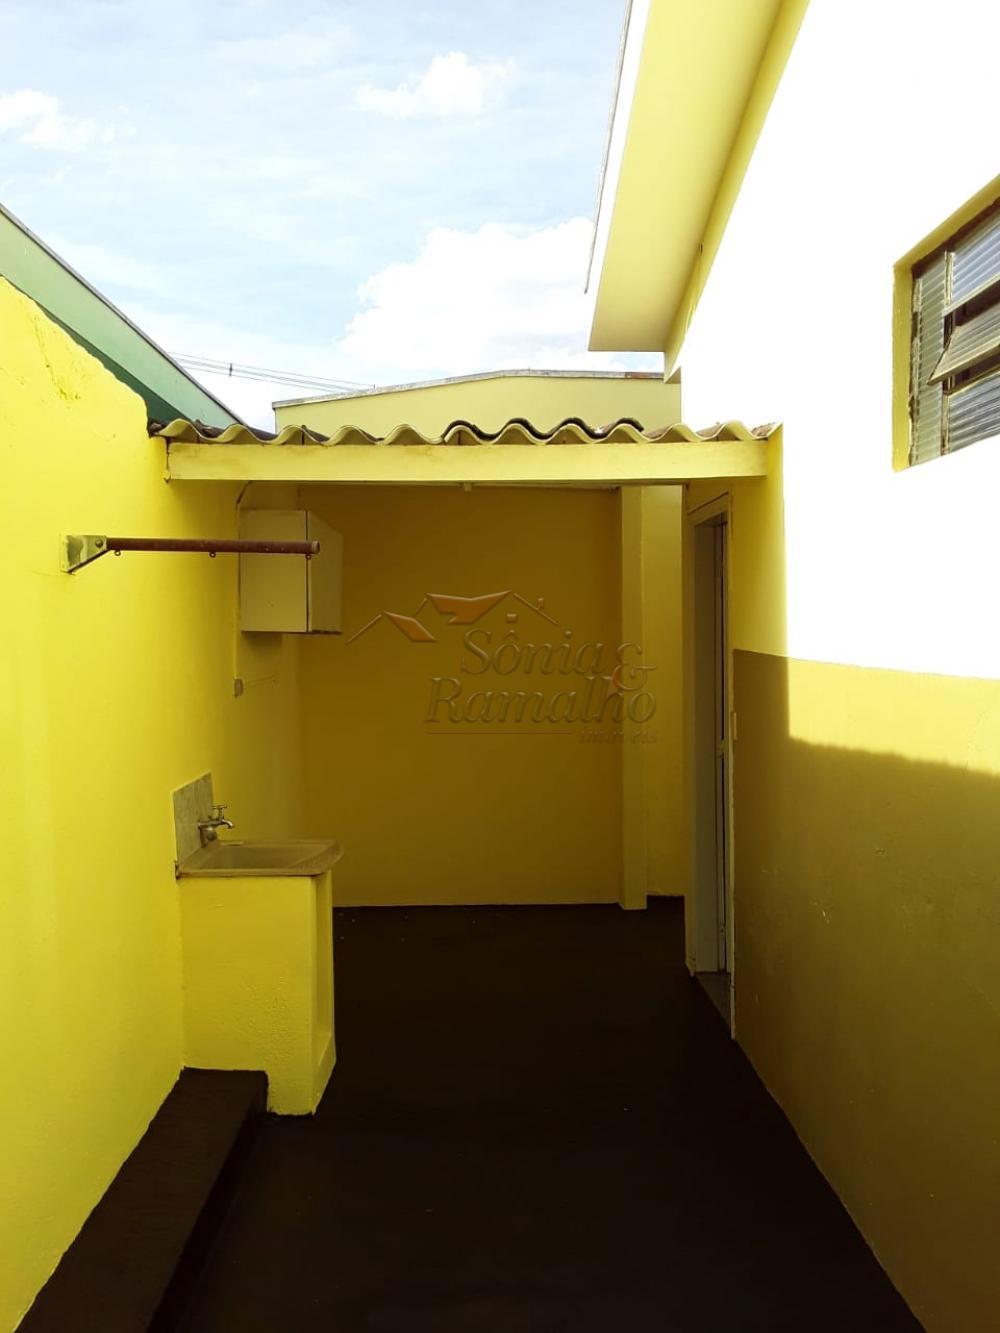 Alugar Casas / Padrão em Ribeirão Preto apenas R$ 700,00 - Foto 20